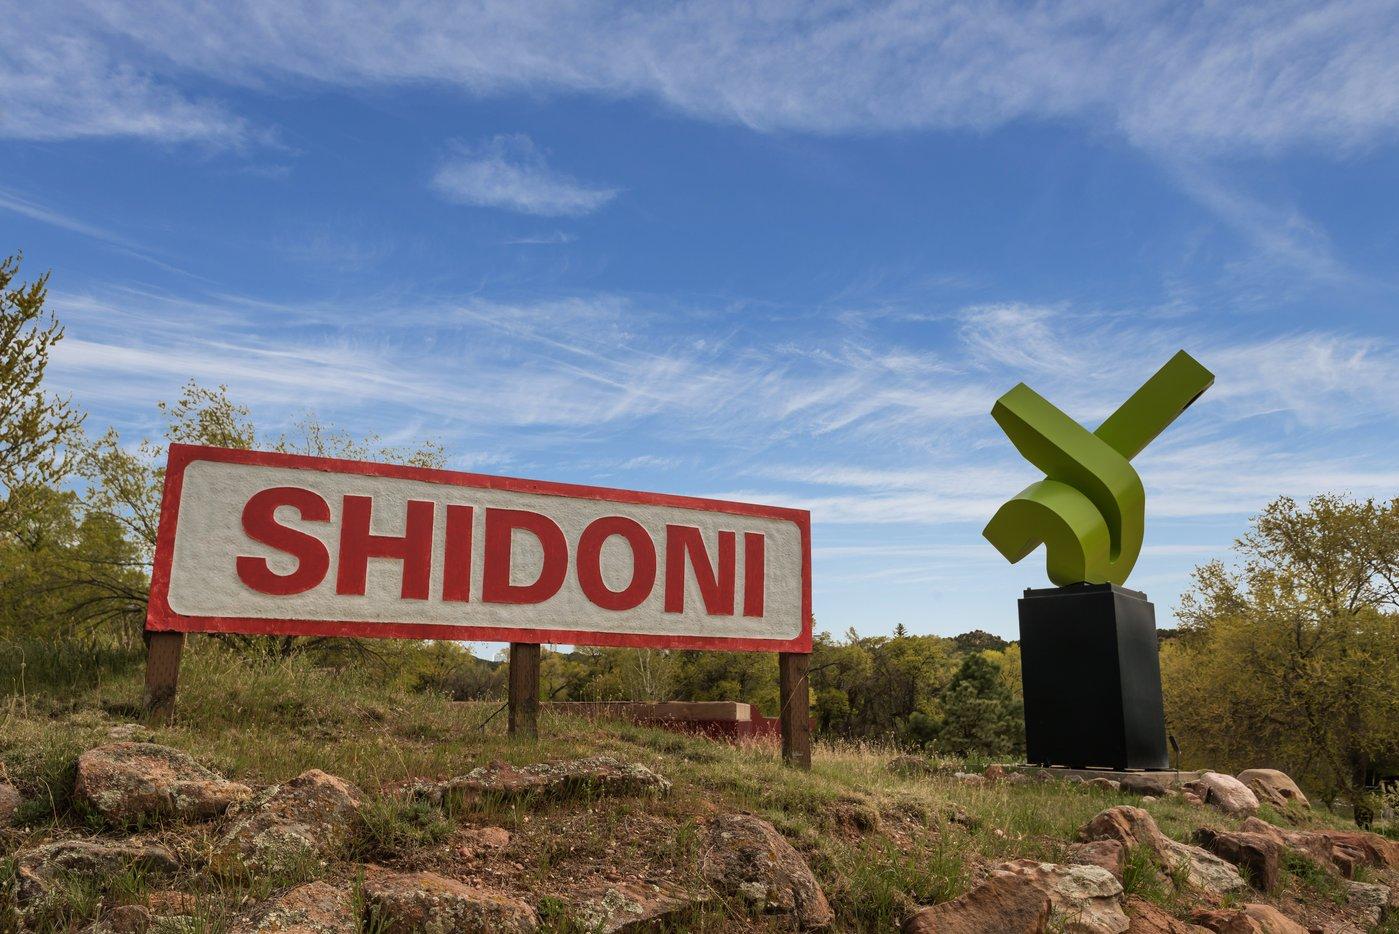 1508 Bishop's Lodge Road (Shidoni)